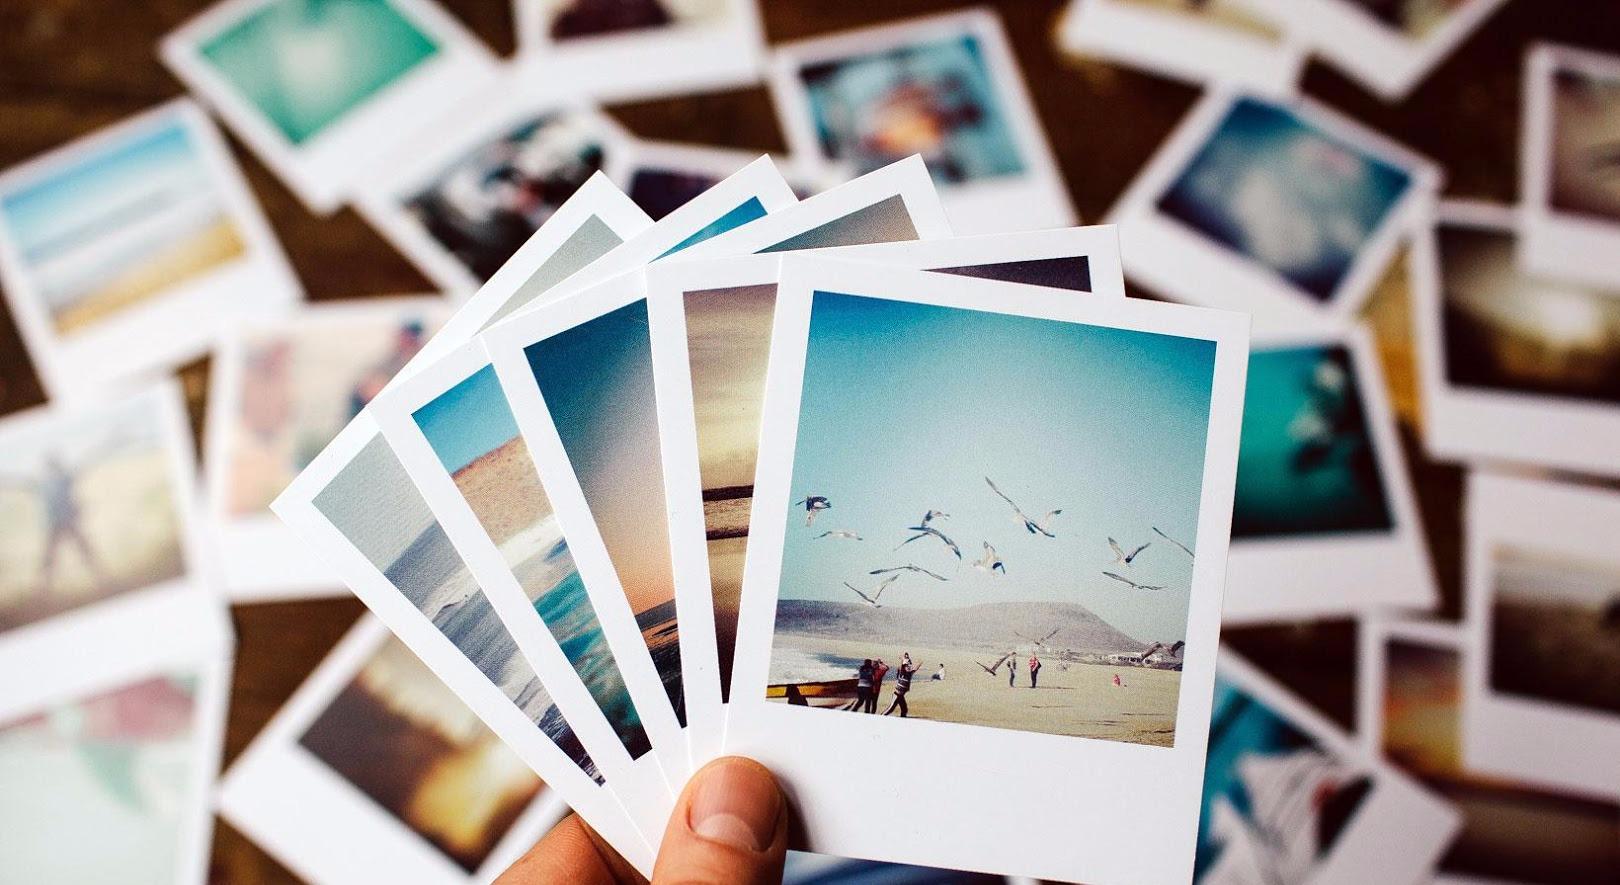 Как в инстаграмме переместить фото местами этом году